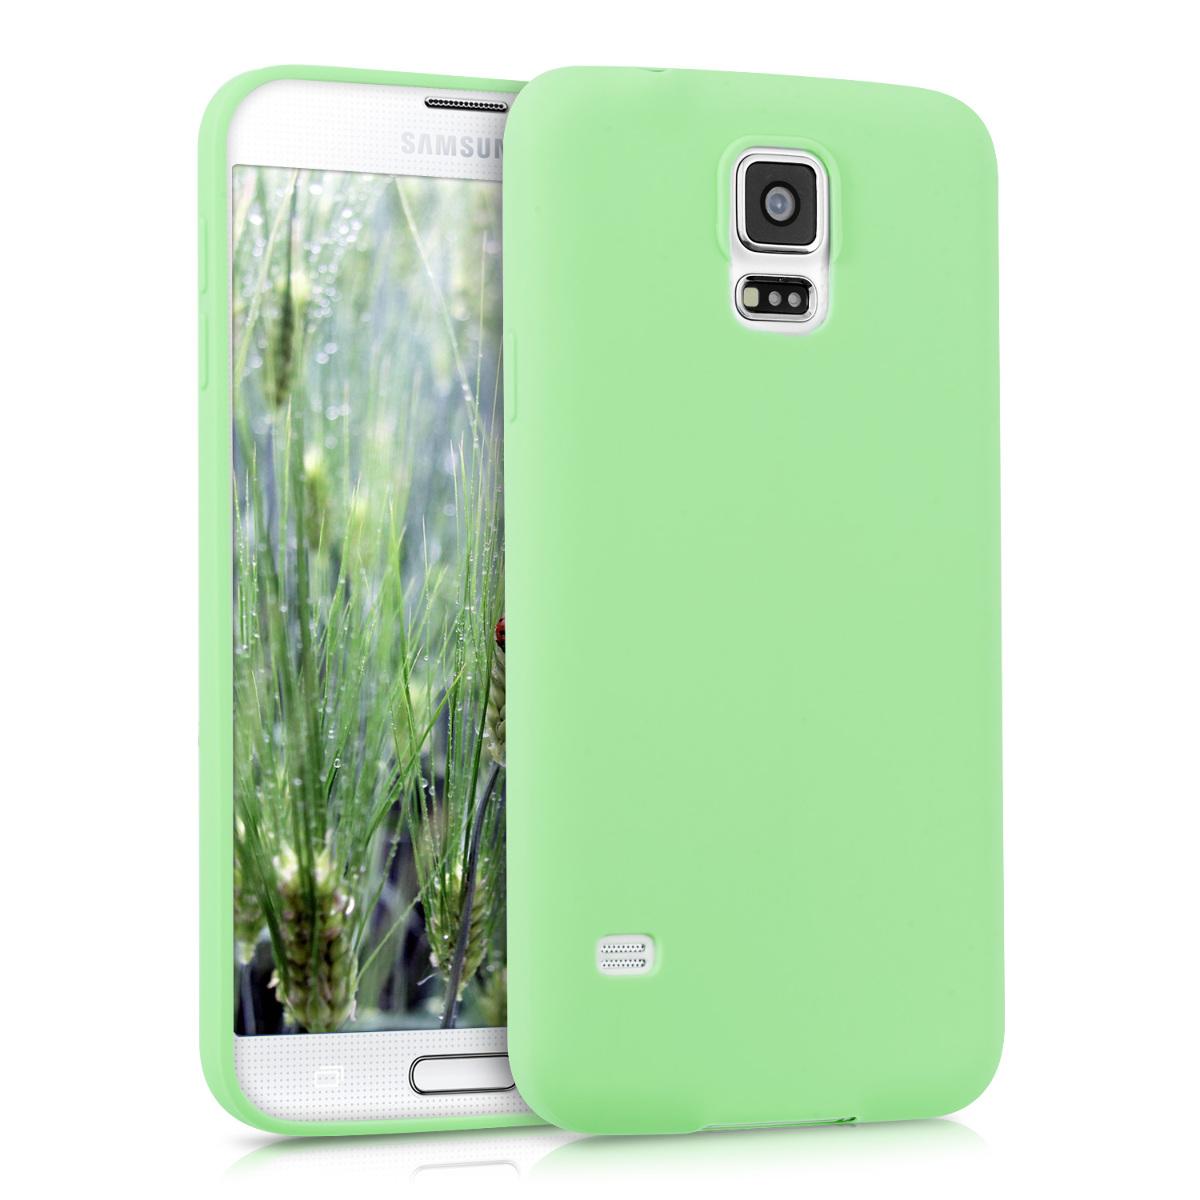 KW Θήκη TPU Σιλικόνης Samsung Galaxy S5 / S5 Neo - Mint Matte (33252.71)